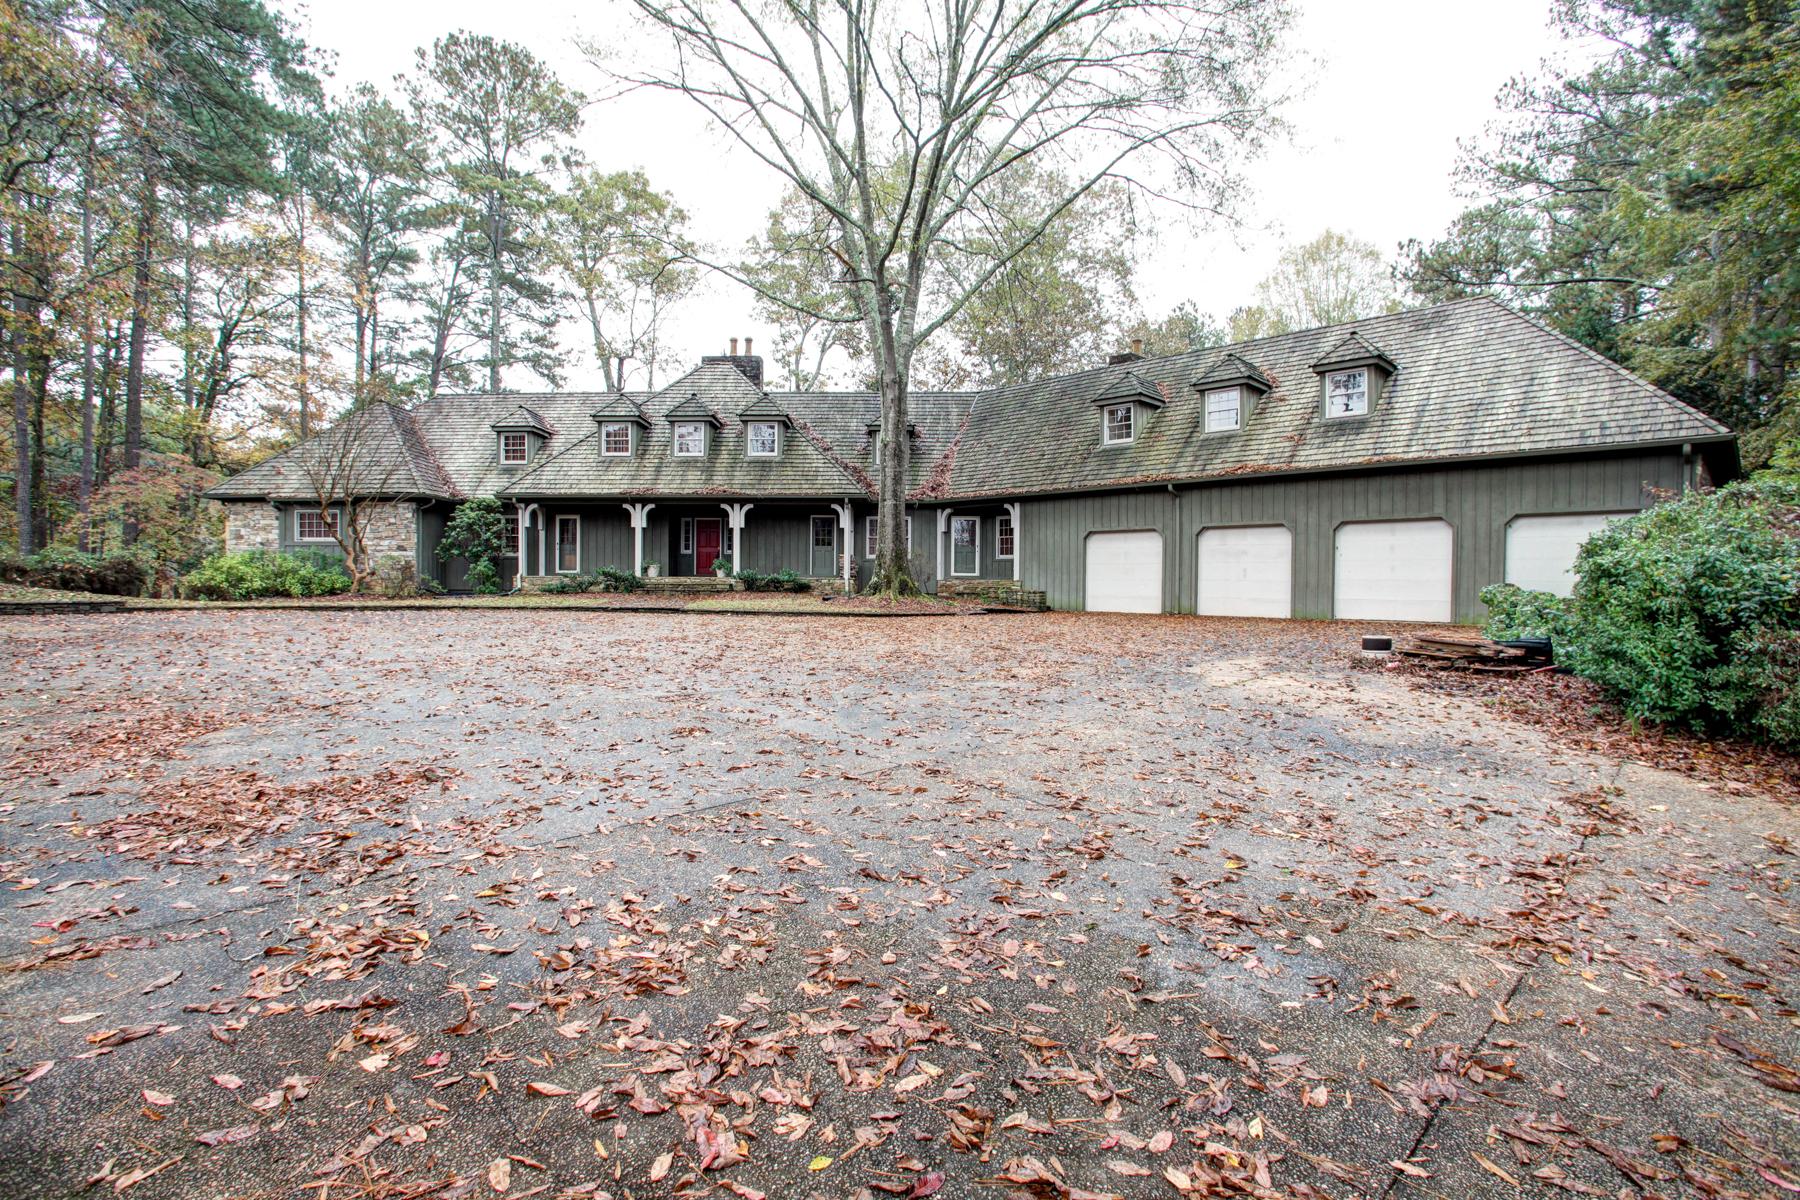 Tek Ailelik Ev için Satış at Spacious Builder's Home On 3.15 Acres And A Lake 3949 Paul Samuel Road NW Kennesaw, Georgia, 30152 Amerika Birleşik Devletleri